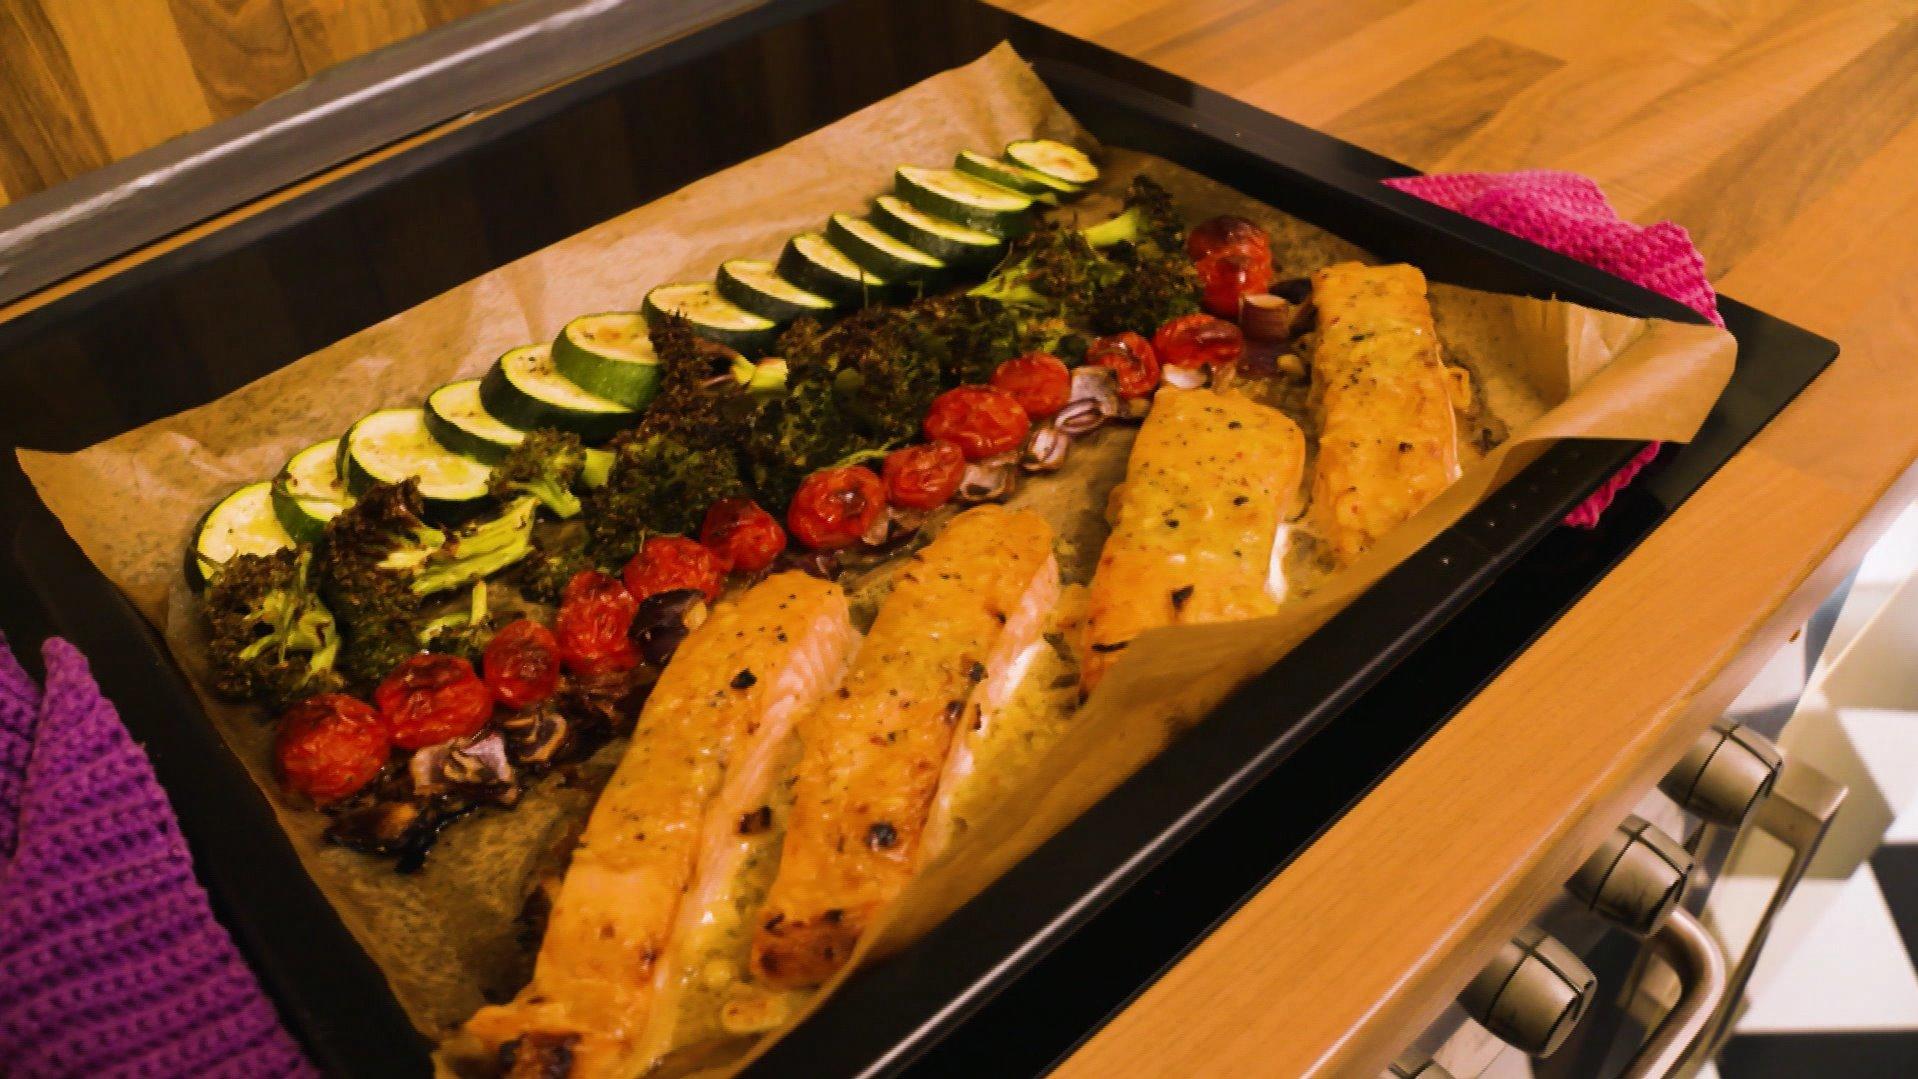 Honig-Senf-Lachs mit buntem Ofengemüse